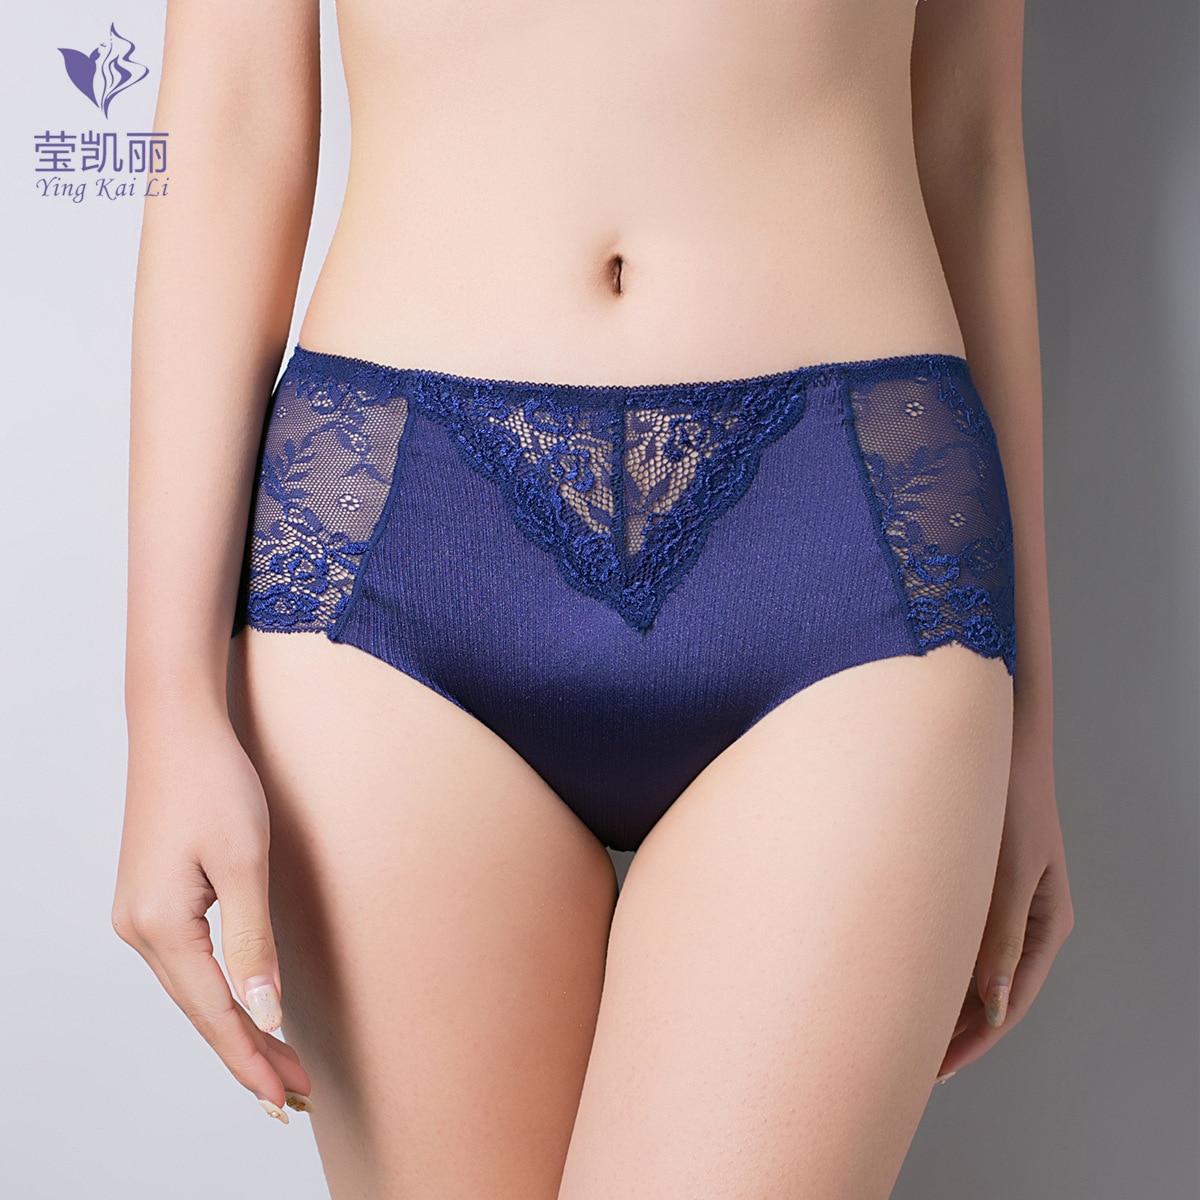 achetez en gros lingerie coton en ligne des grossistes lingerie coton chinois. Black Bedroom Furniture Sets. Home Design Ideas